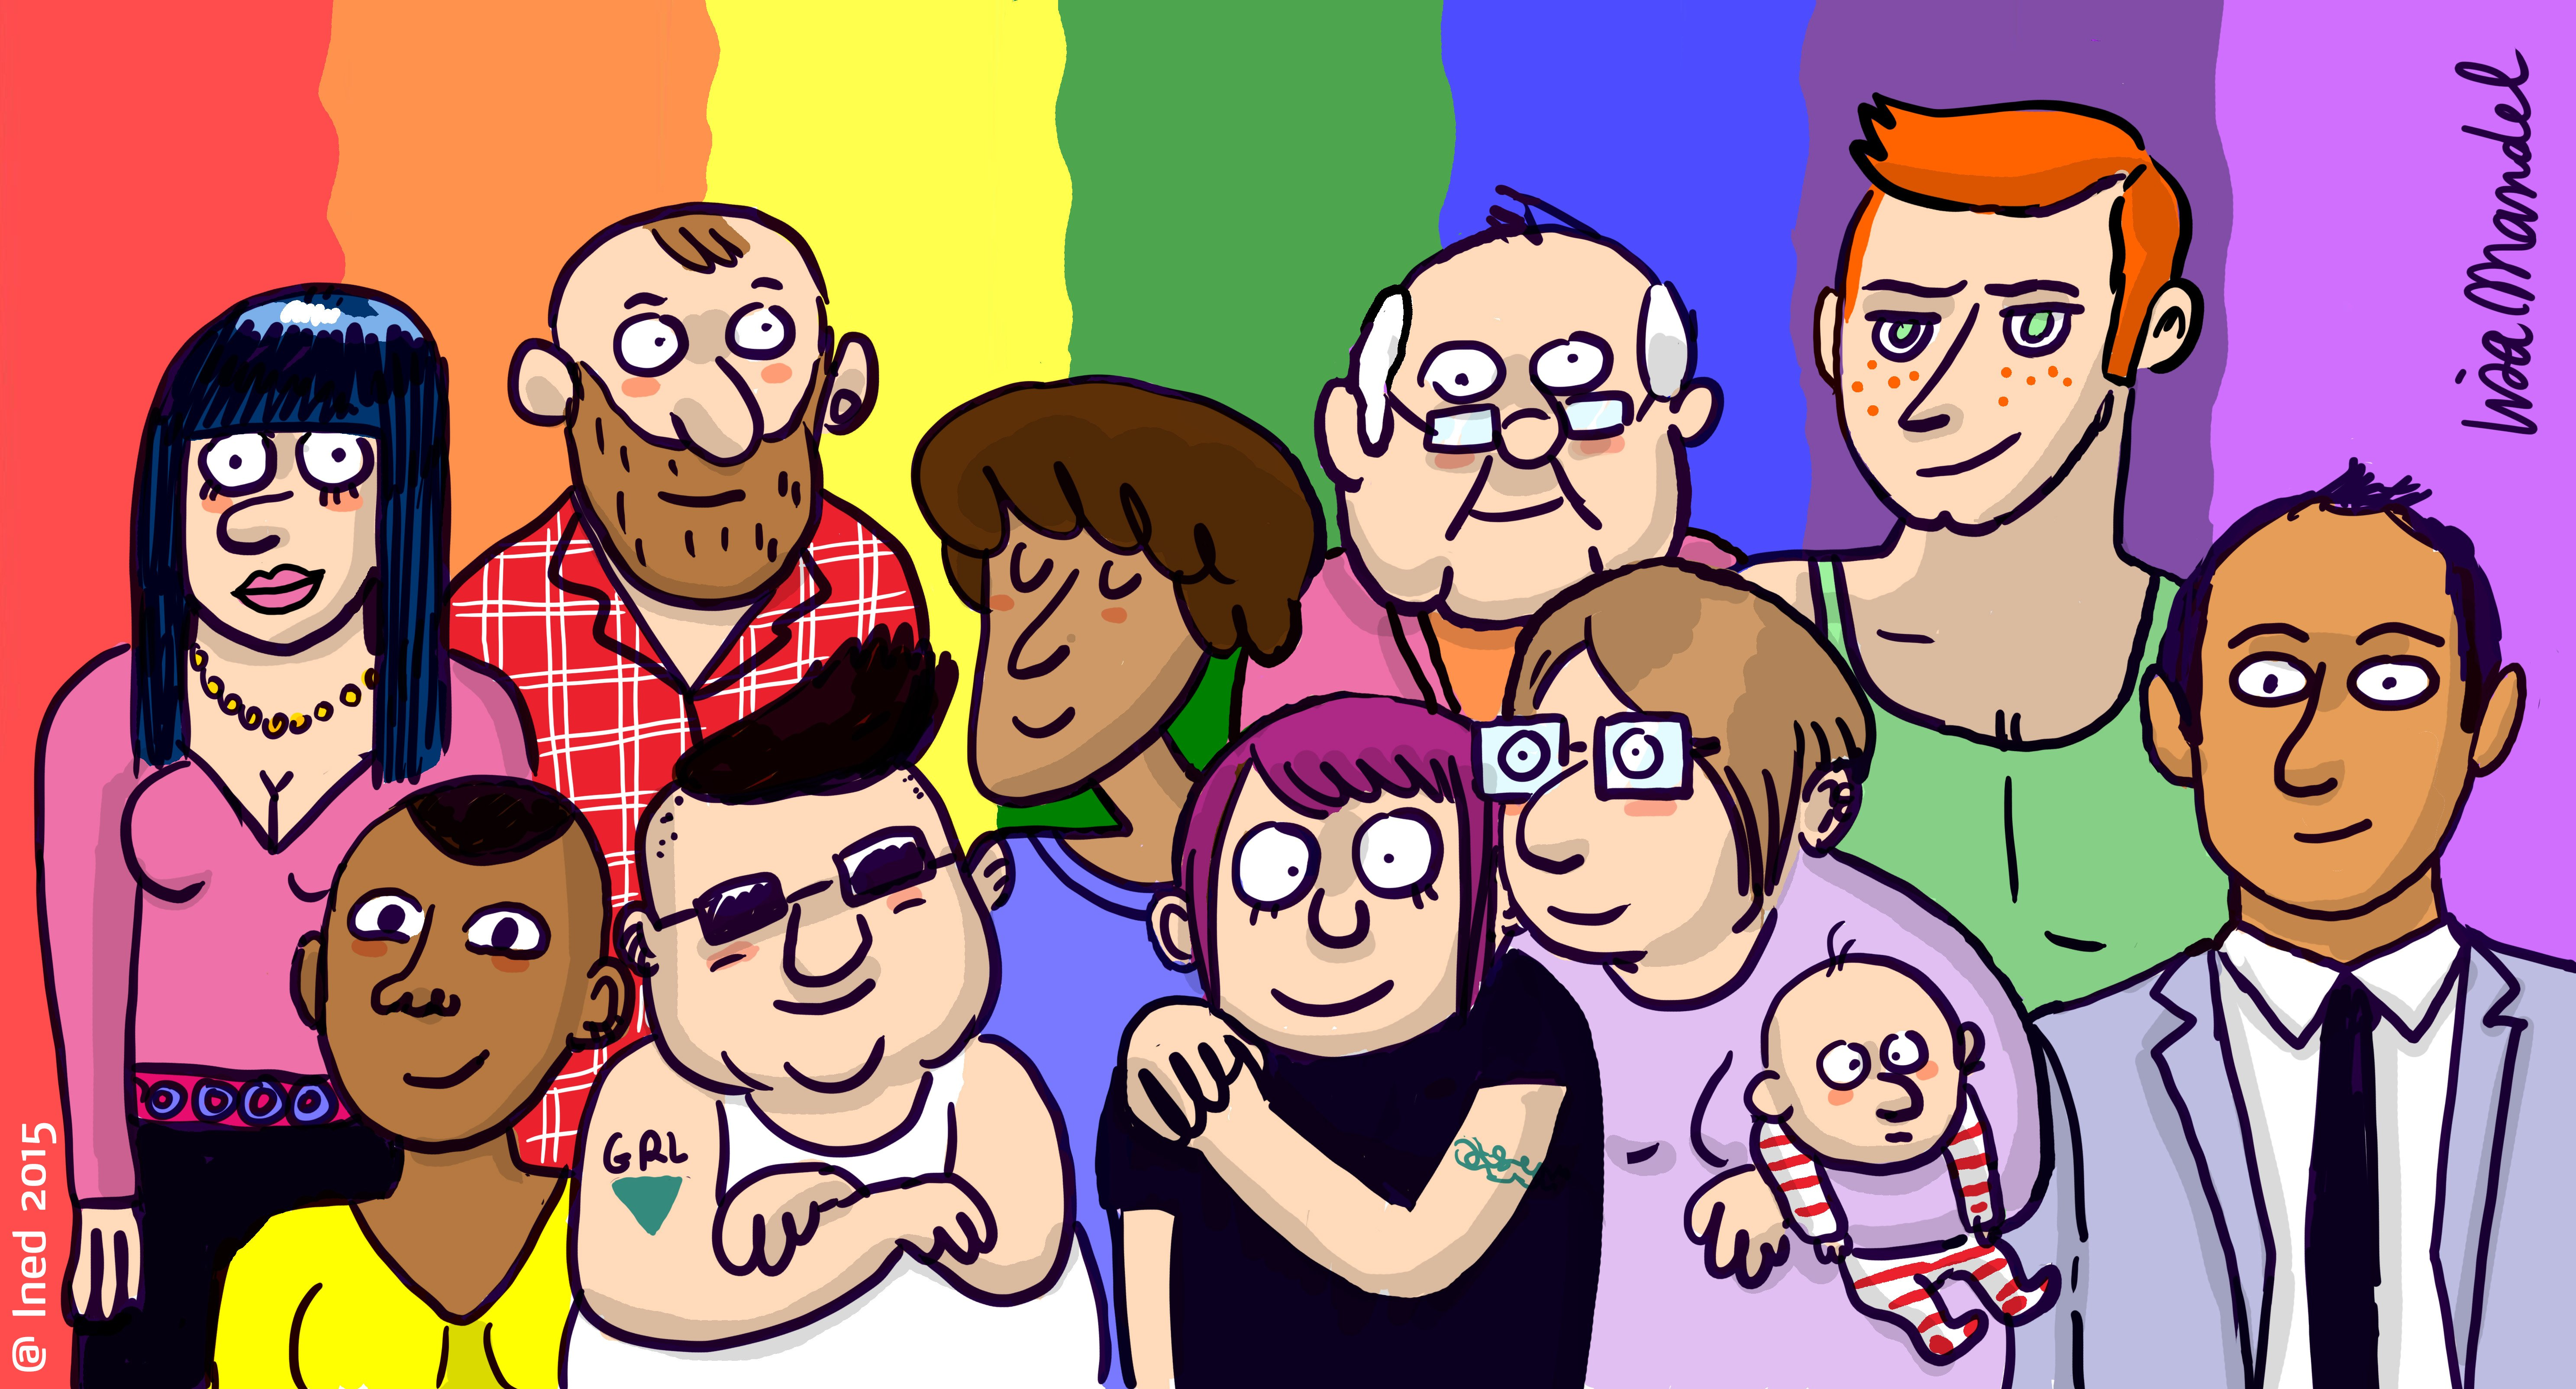 Enquête de l'Ined sur les modes de vie, la santé et les situations d'insécurité des LGBT : Participons !